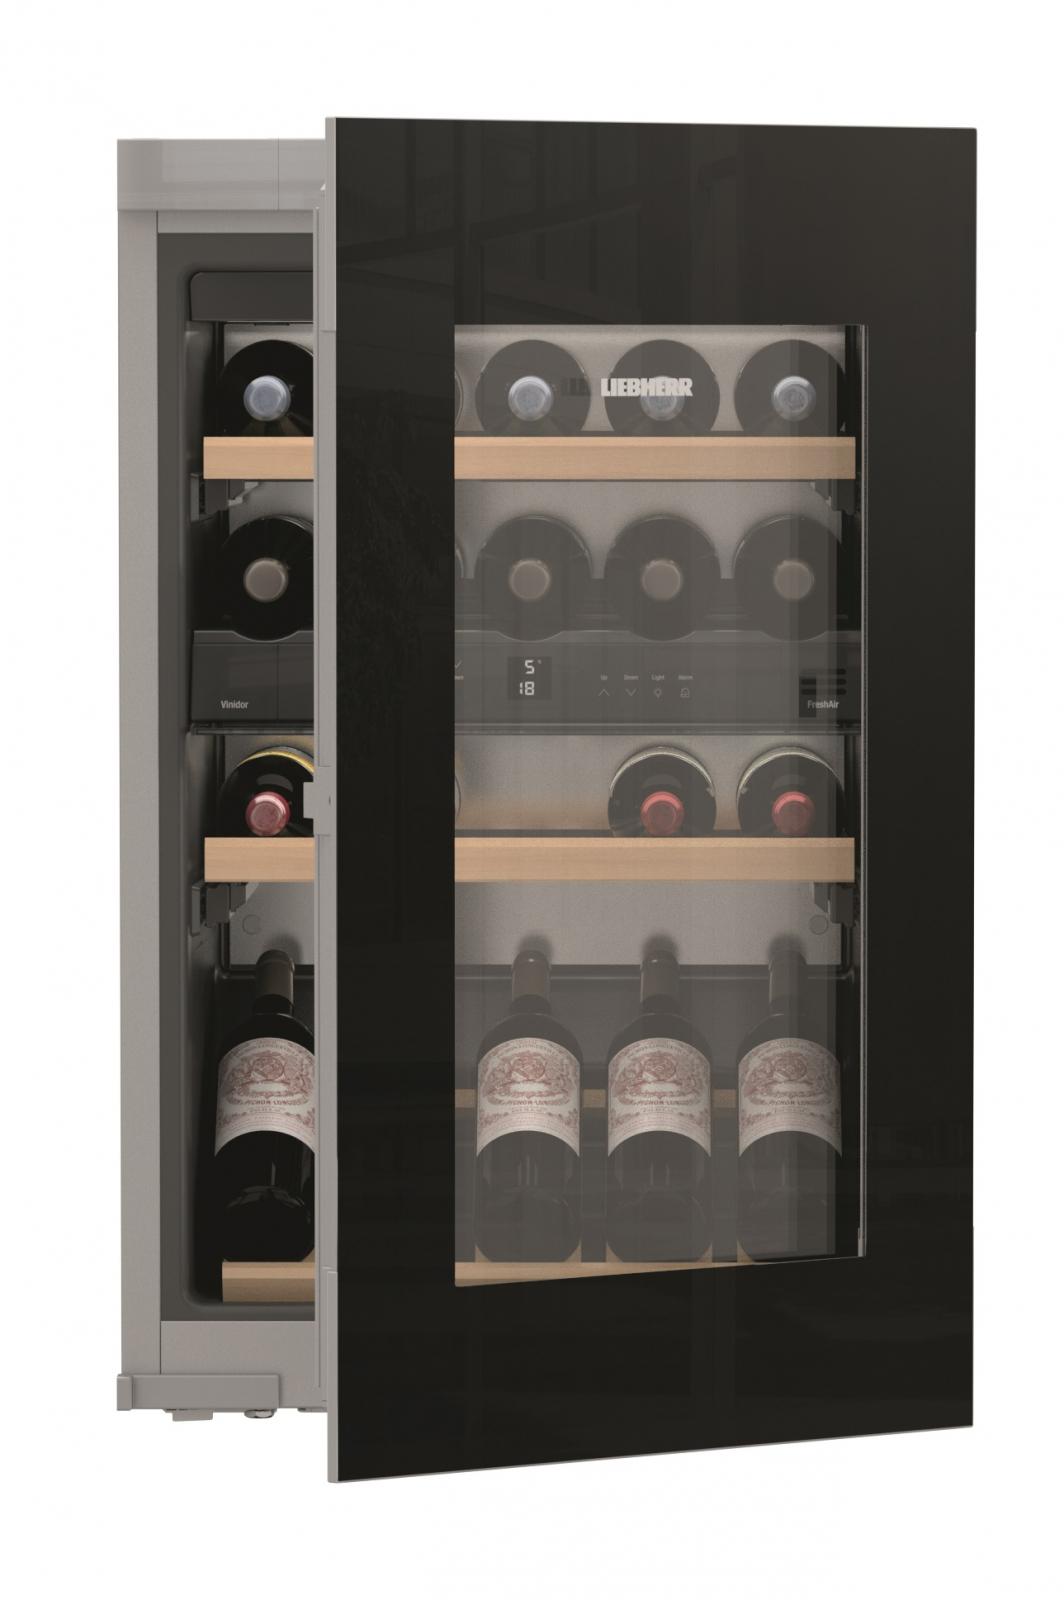 купить Встраиваемый винный шкаф Liebherr EWTgb 1683 Украина фото 0